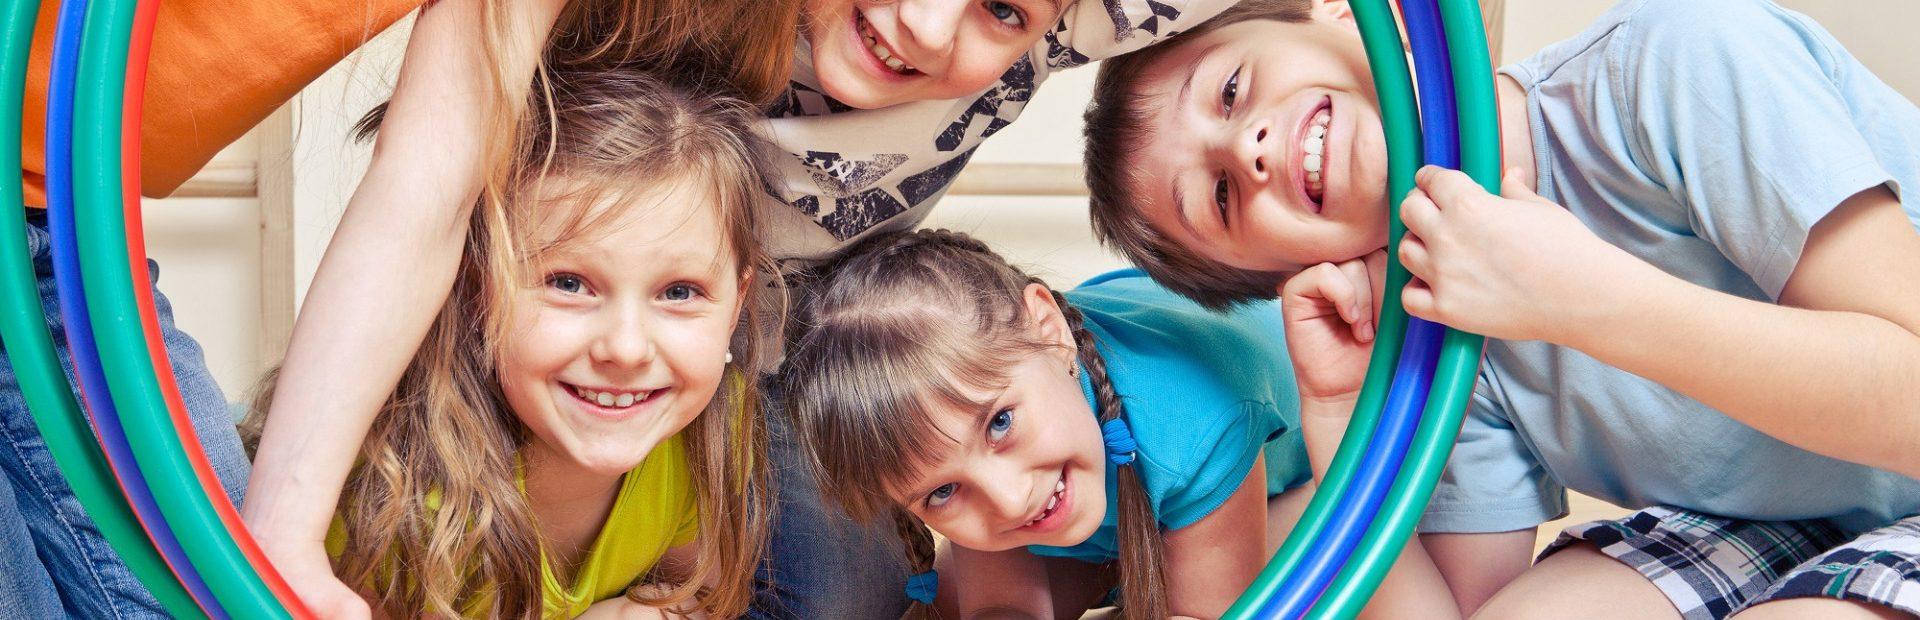 Atrakcje dla dzieci w Pomorskim, część 2